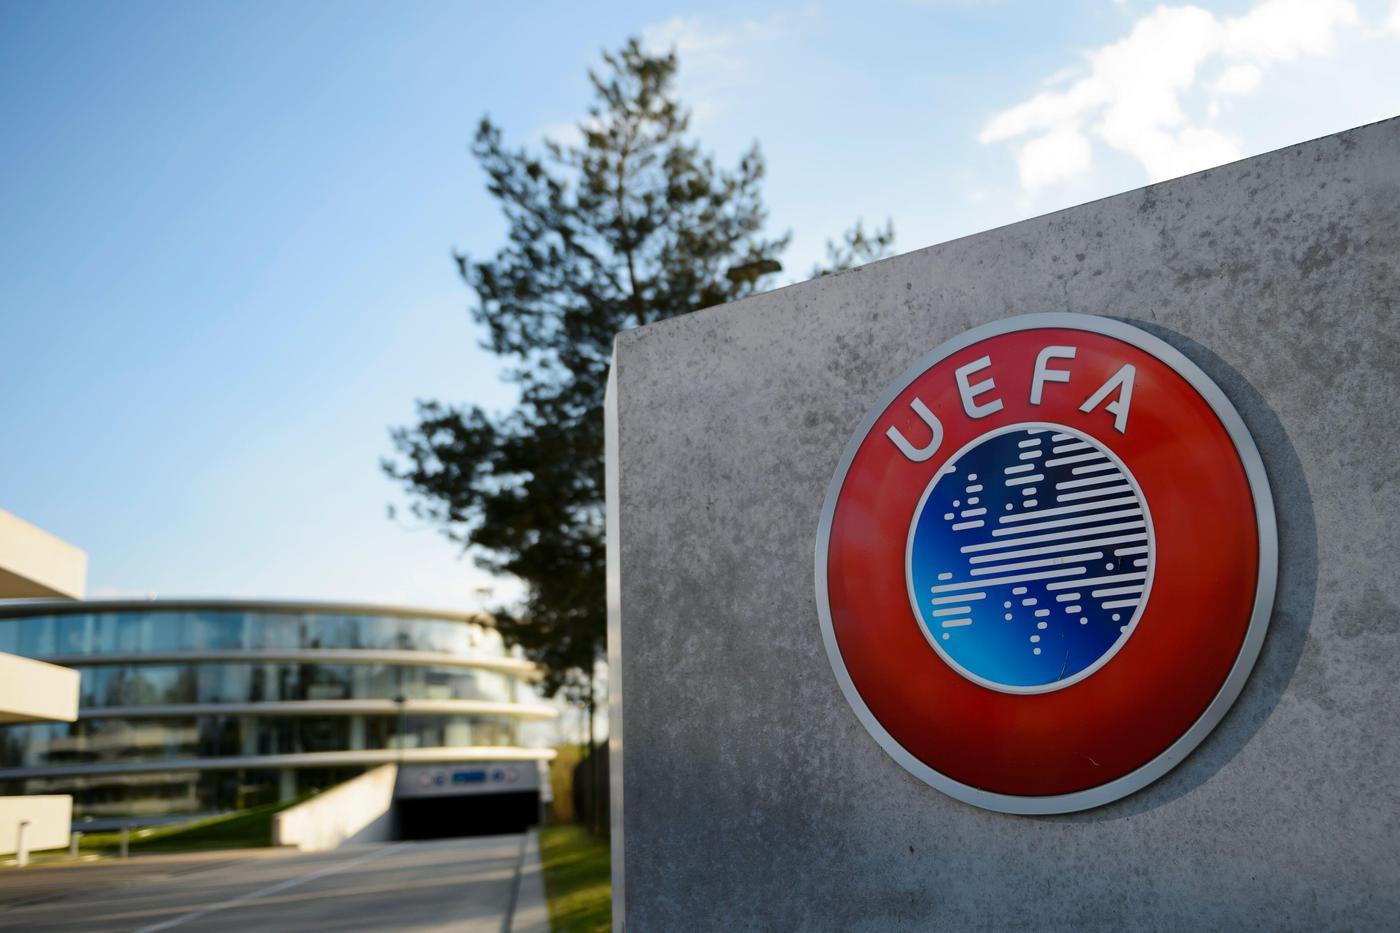 В Белоруси отменены все запланированные мероприятия УЕФА - фото